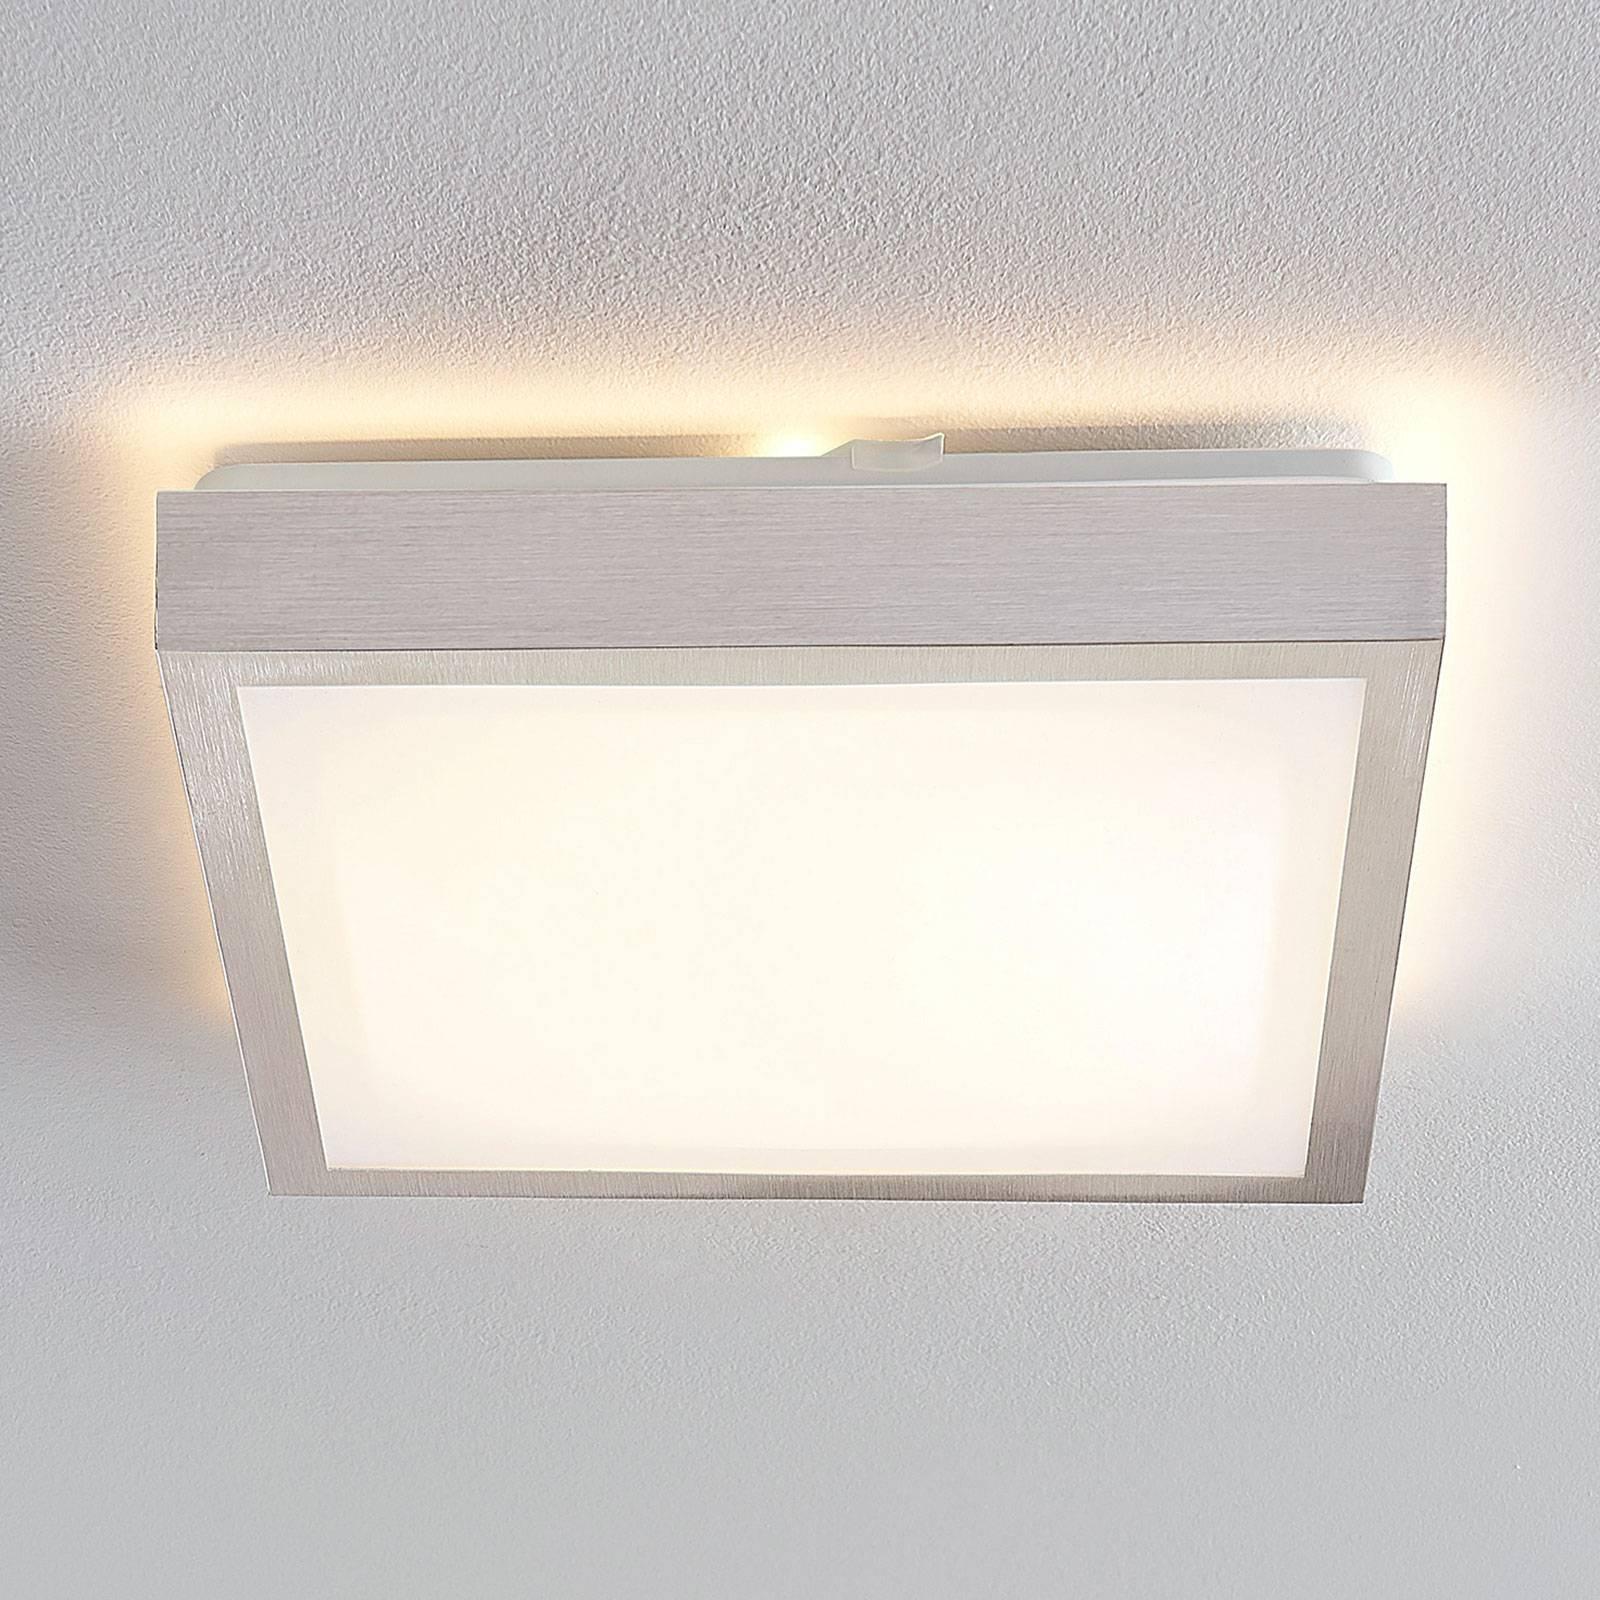 Lindby Margit plafoniera LED angolare, 32 cm